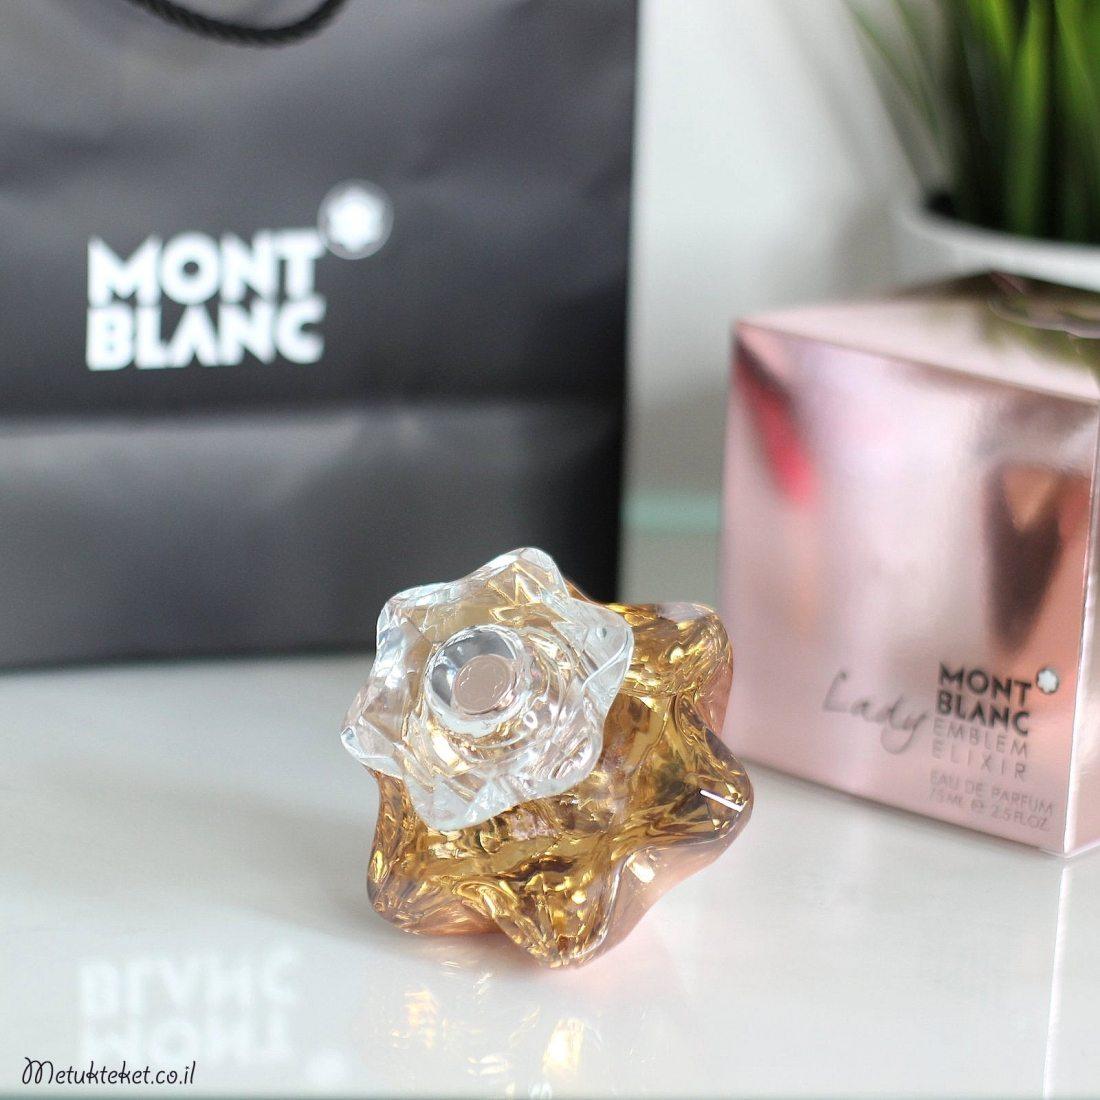 מון בלאן לאישה,Mont Blanc Lady Emblem Elixir